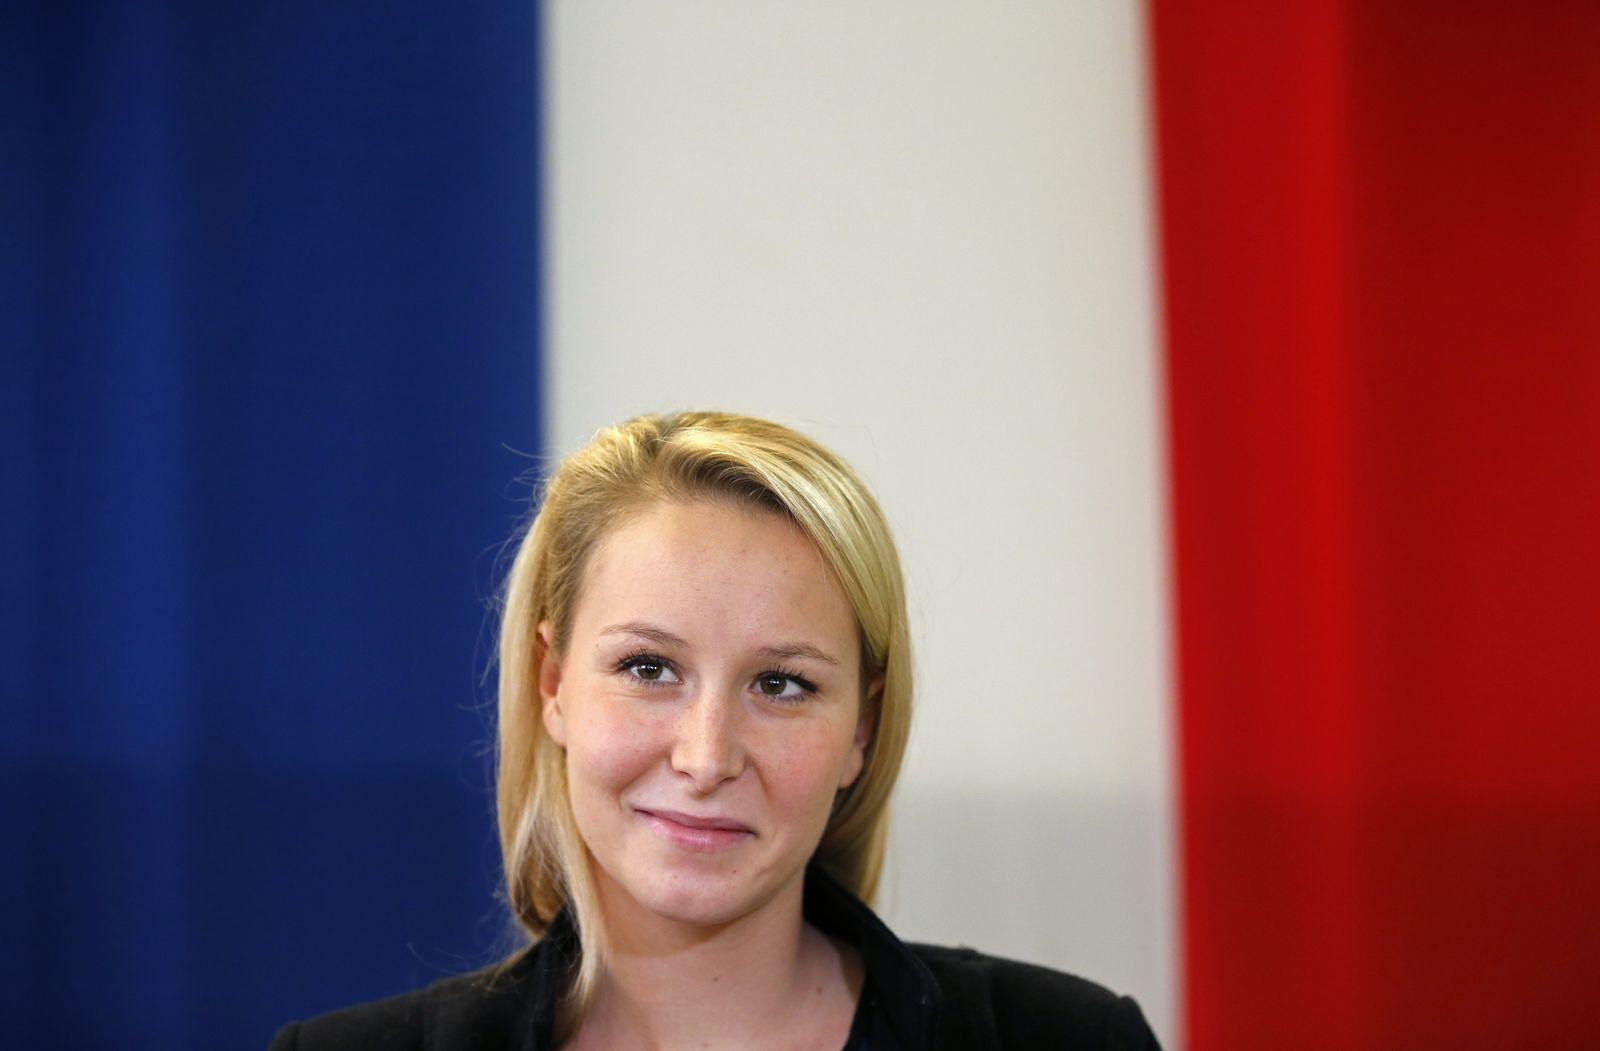 FRANCE-POLITICS/LE PEN